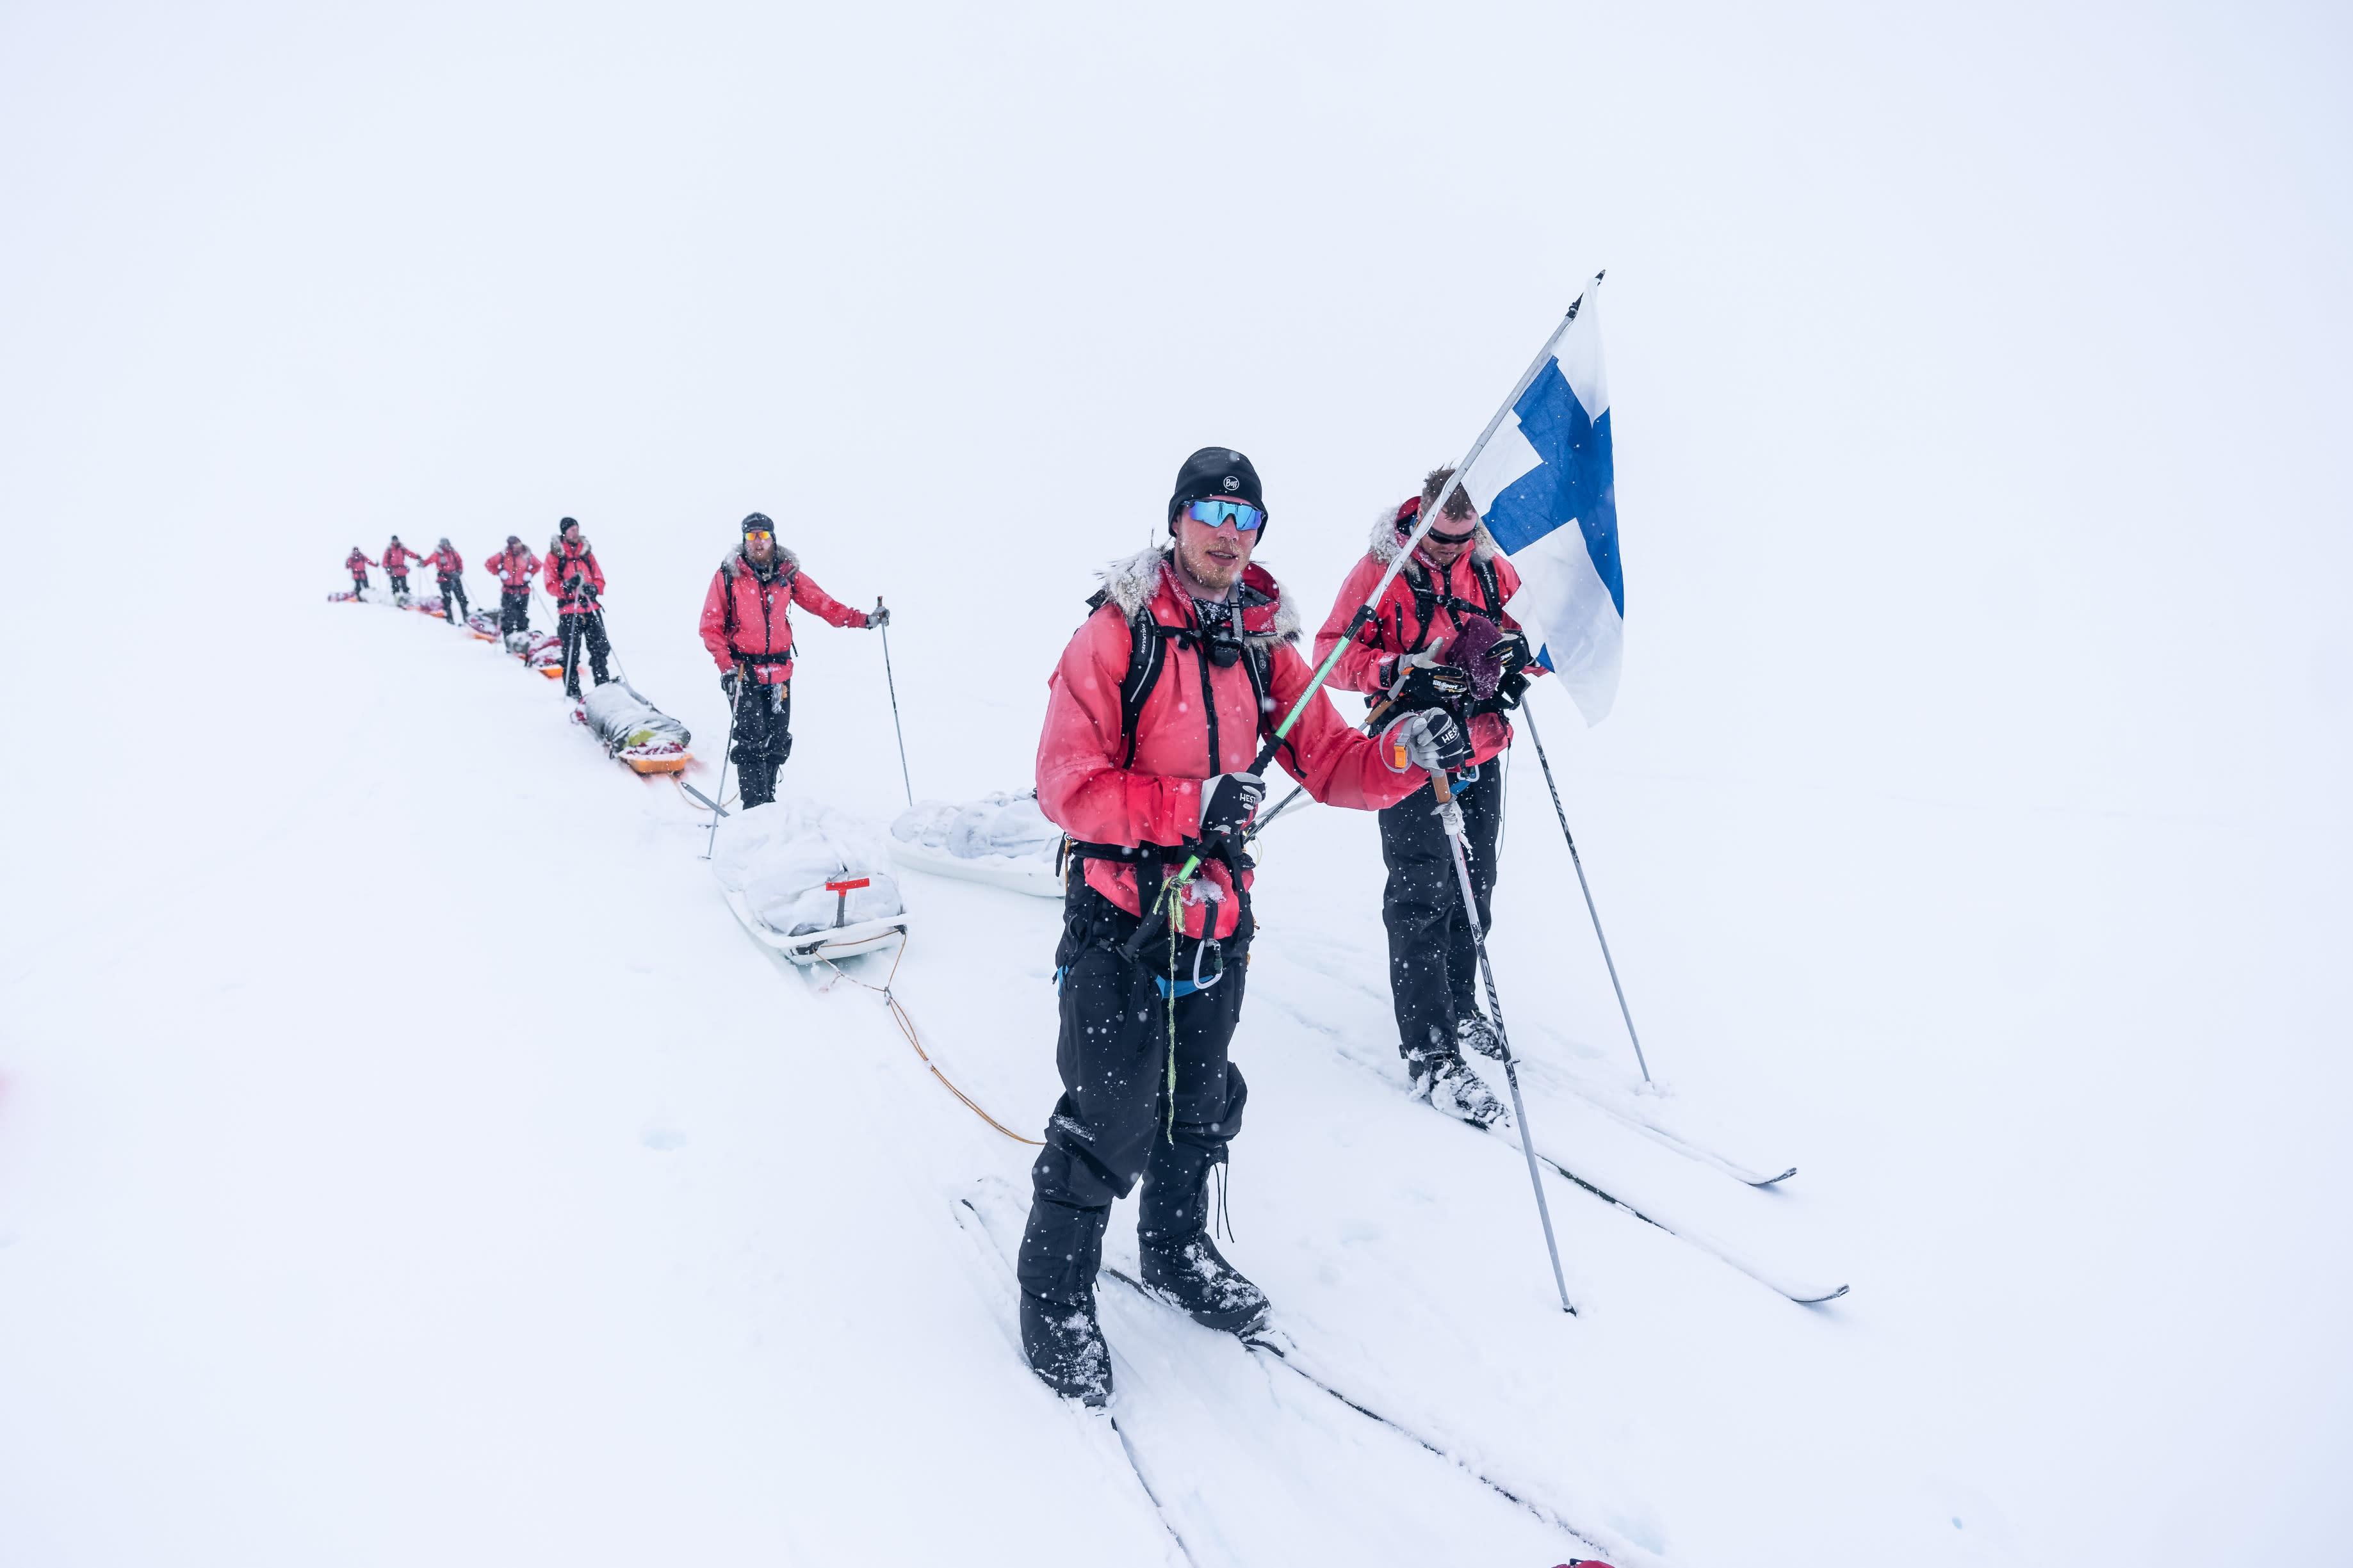 Viimeiset metrit juuri ennen jäätikön reunaa Suomen lippu liehuten